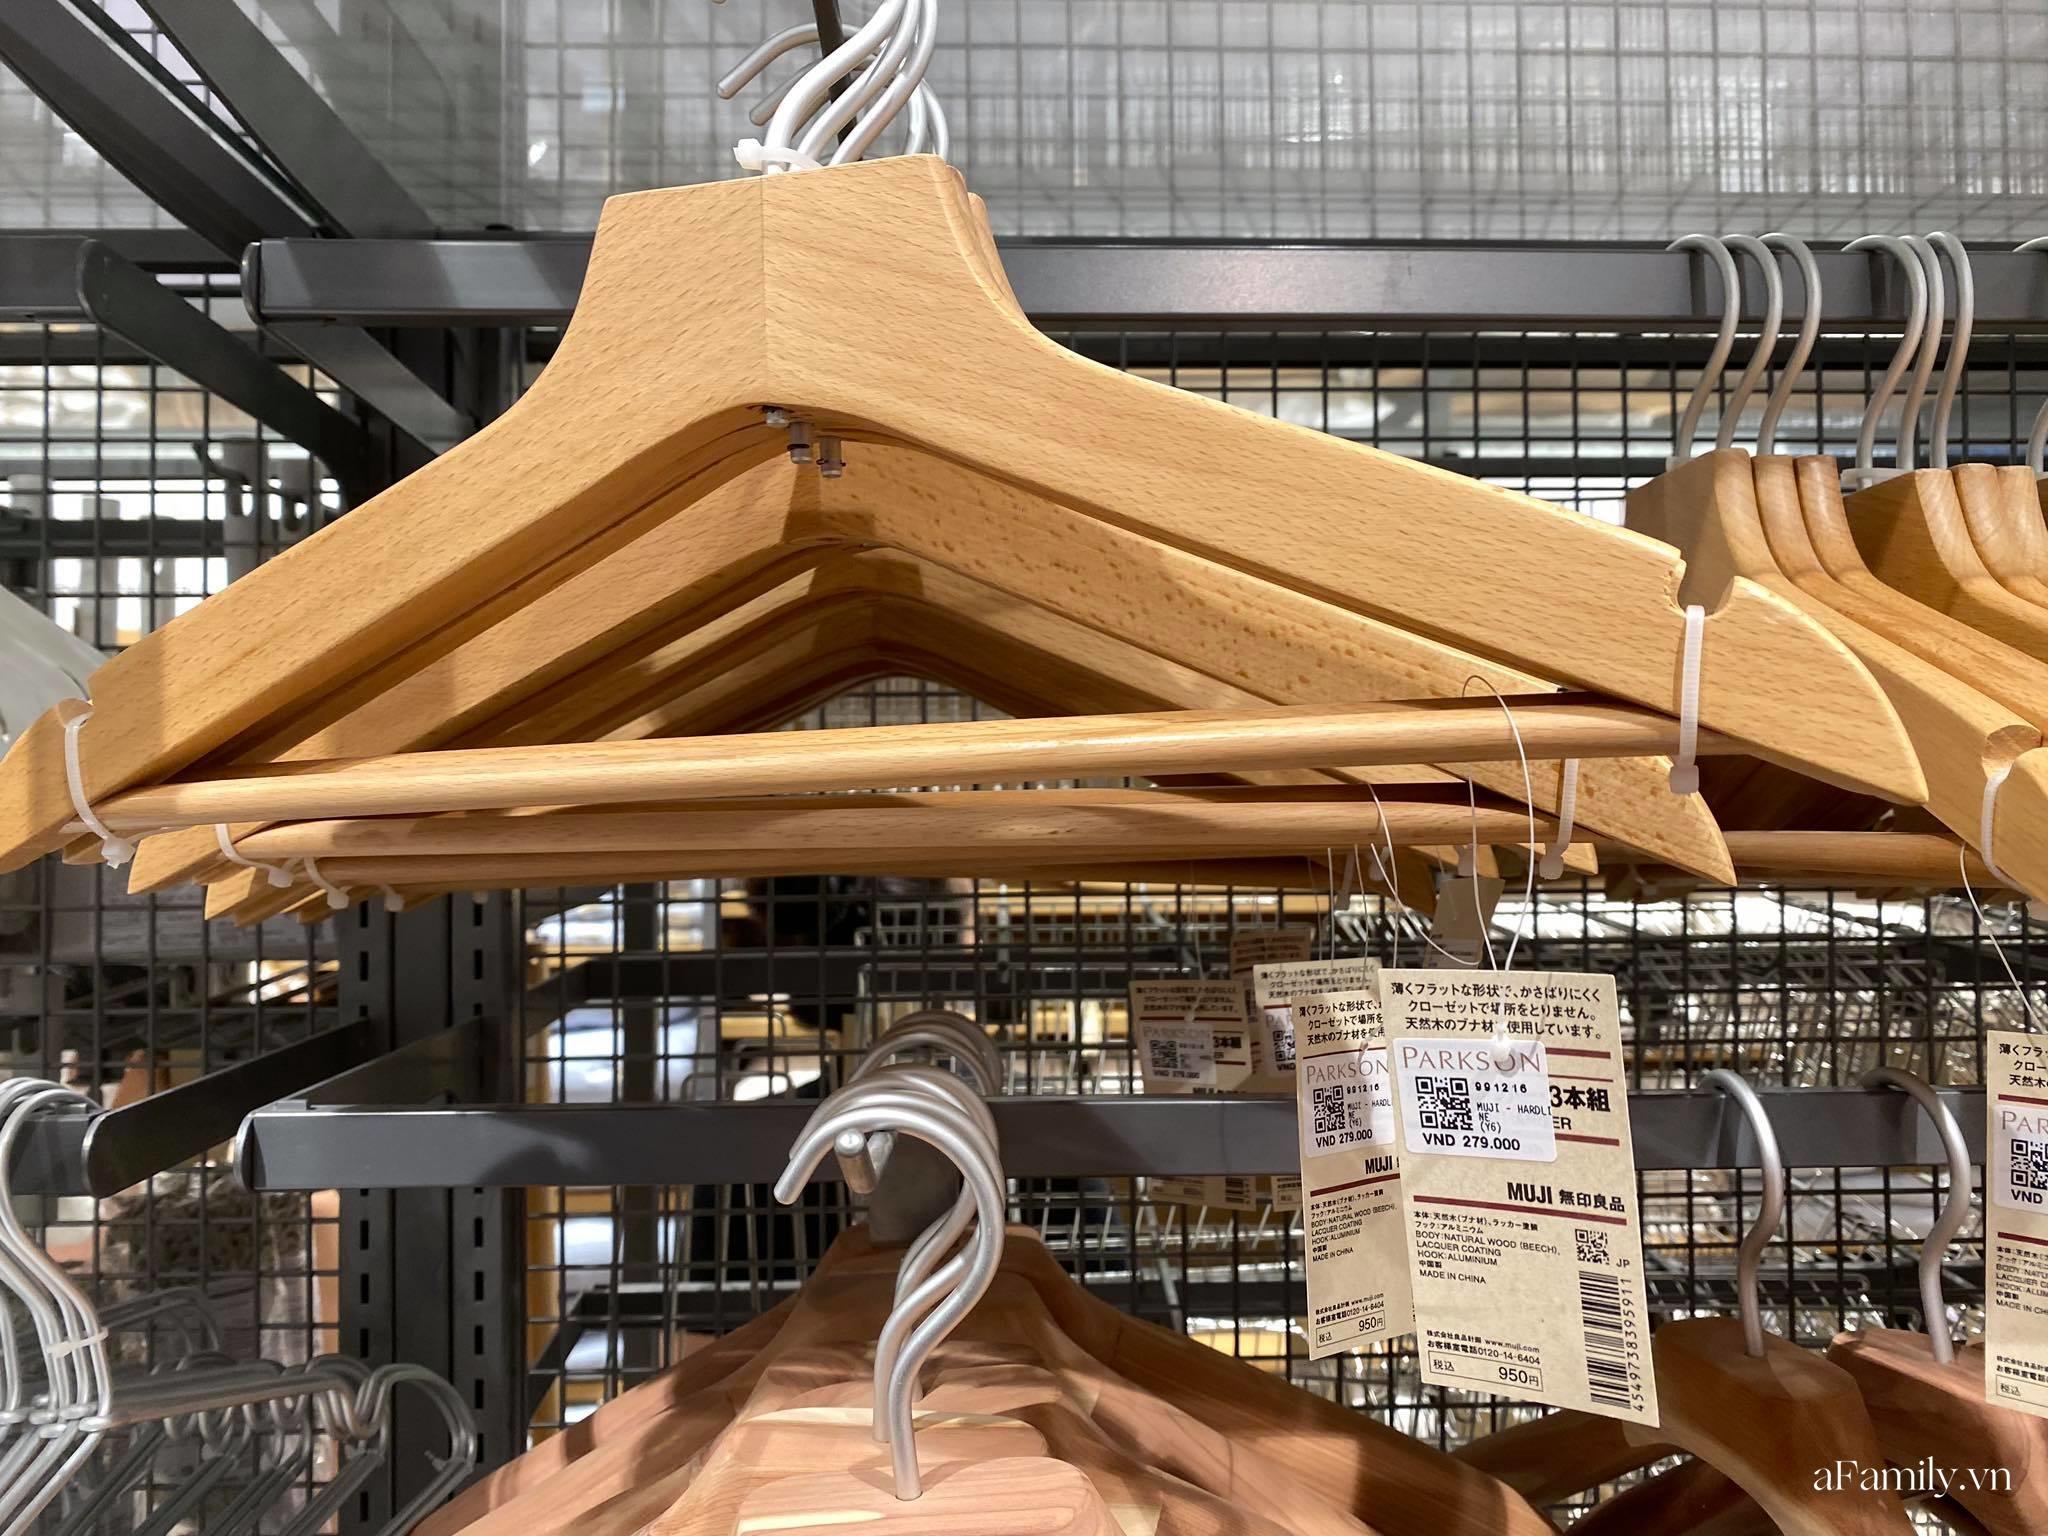 """Ra Muji sắm đồ văn phòng phẩm và gia dụng chất lượng không sợ lỗi mốt, nhiều món còn độc quyền nhưng giá bán còn khá """"sượng"""" - Ảnh 3."""